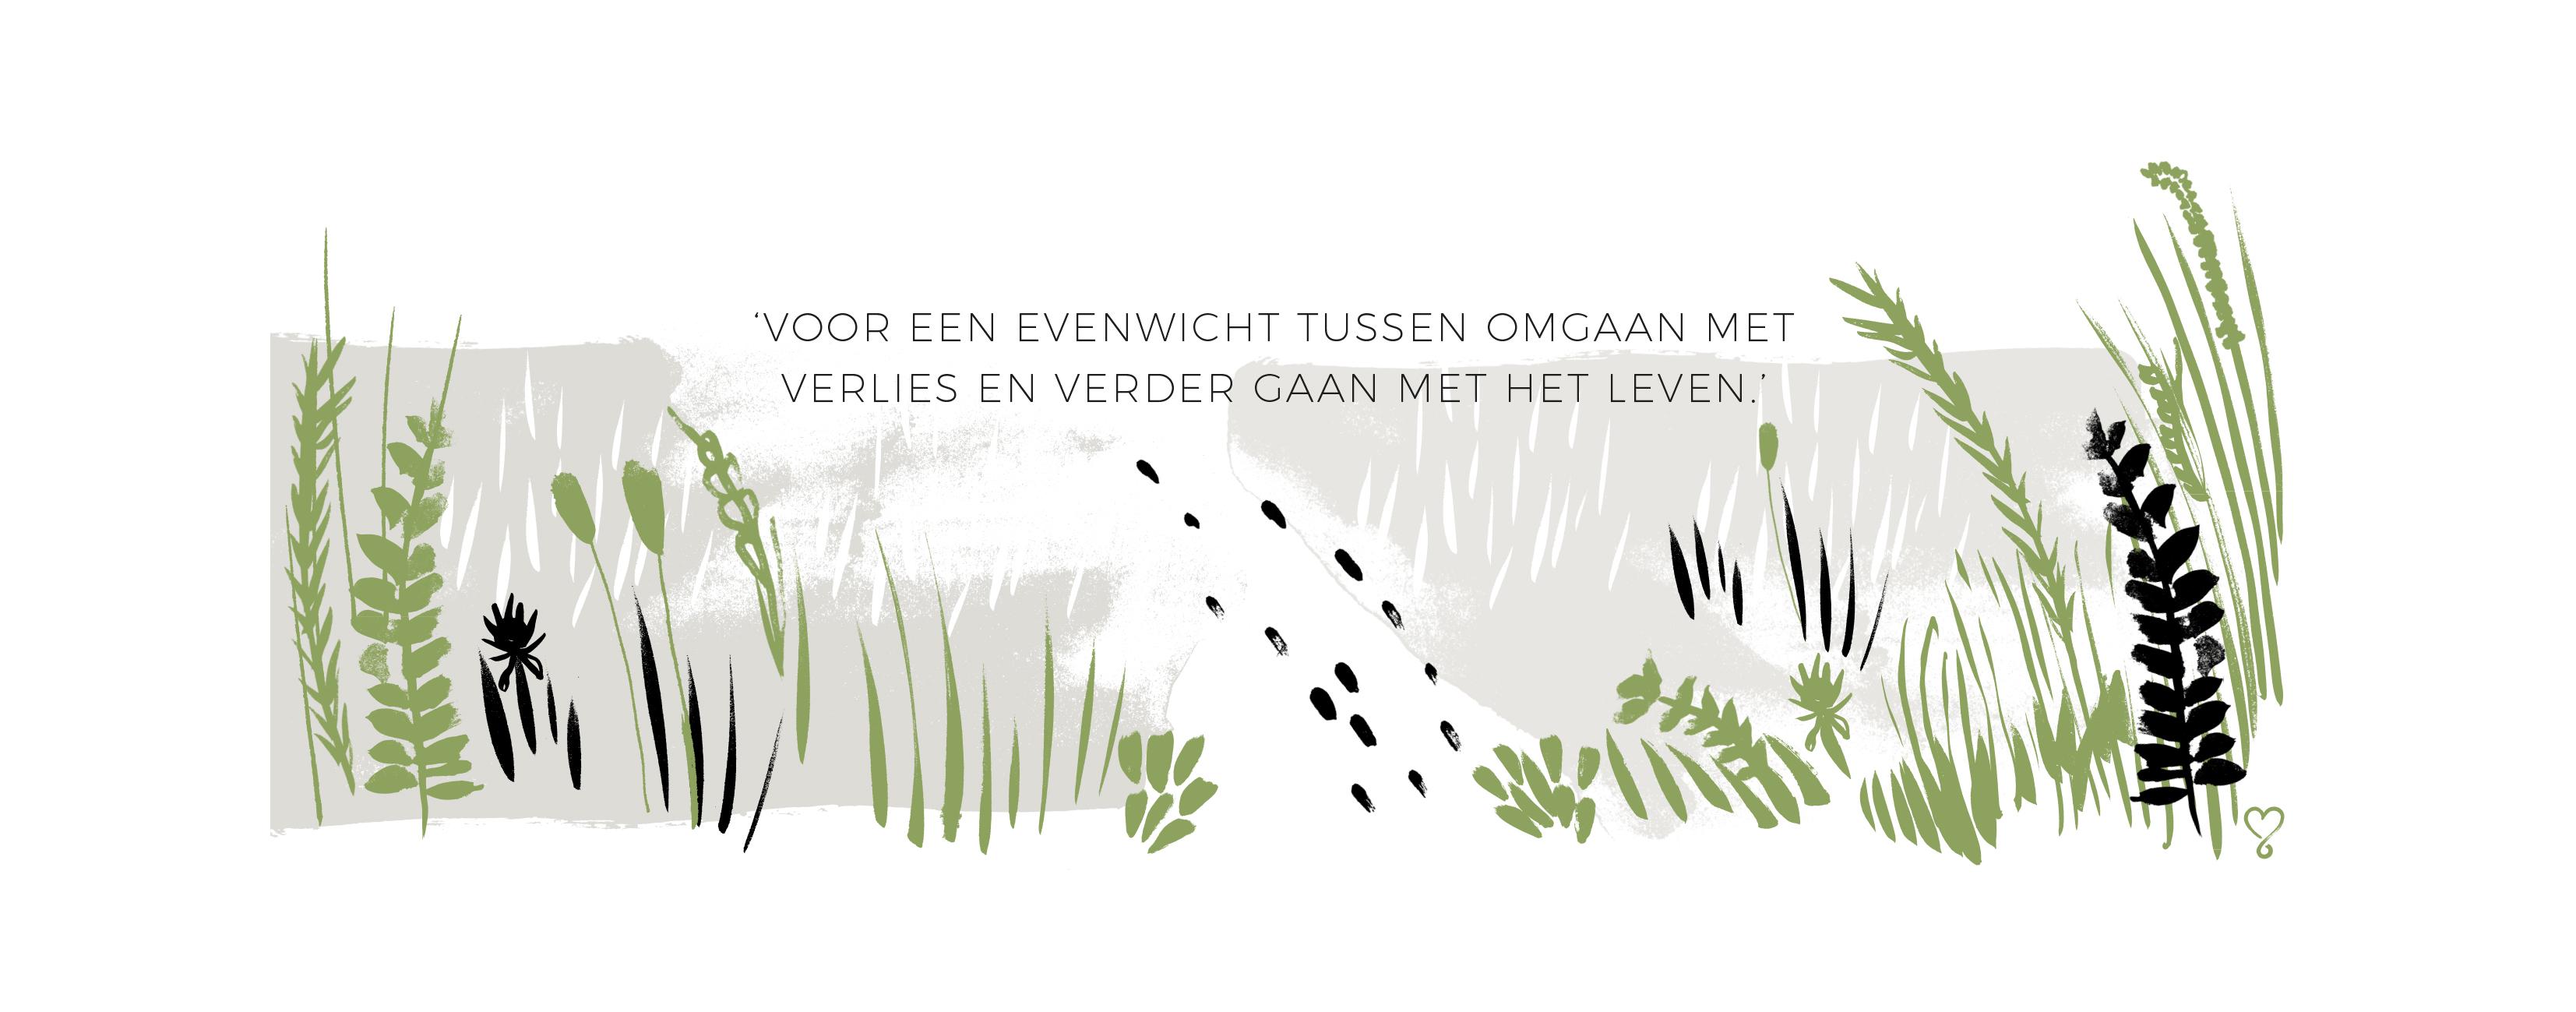 https://praktijkverder.nl/wp-content/uploads/2018/06/2.PRAKTIJKVERDER-HOMEPAGE-4.jpg